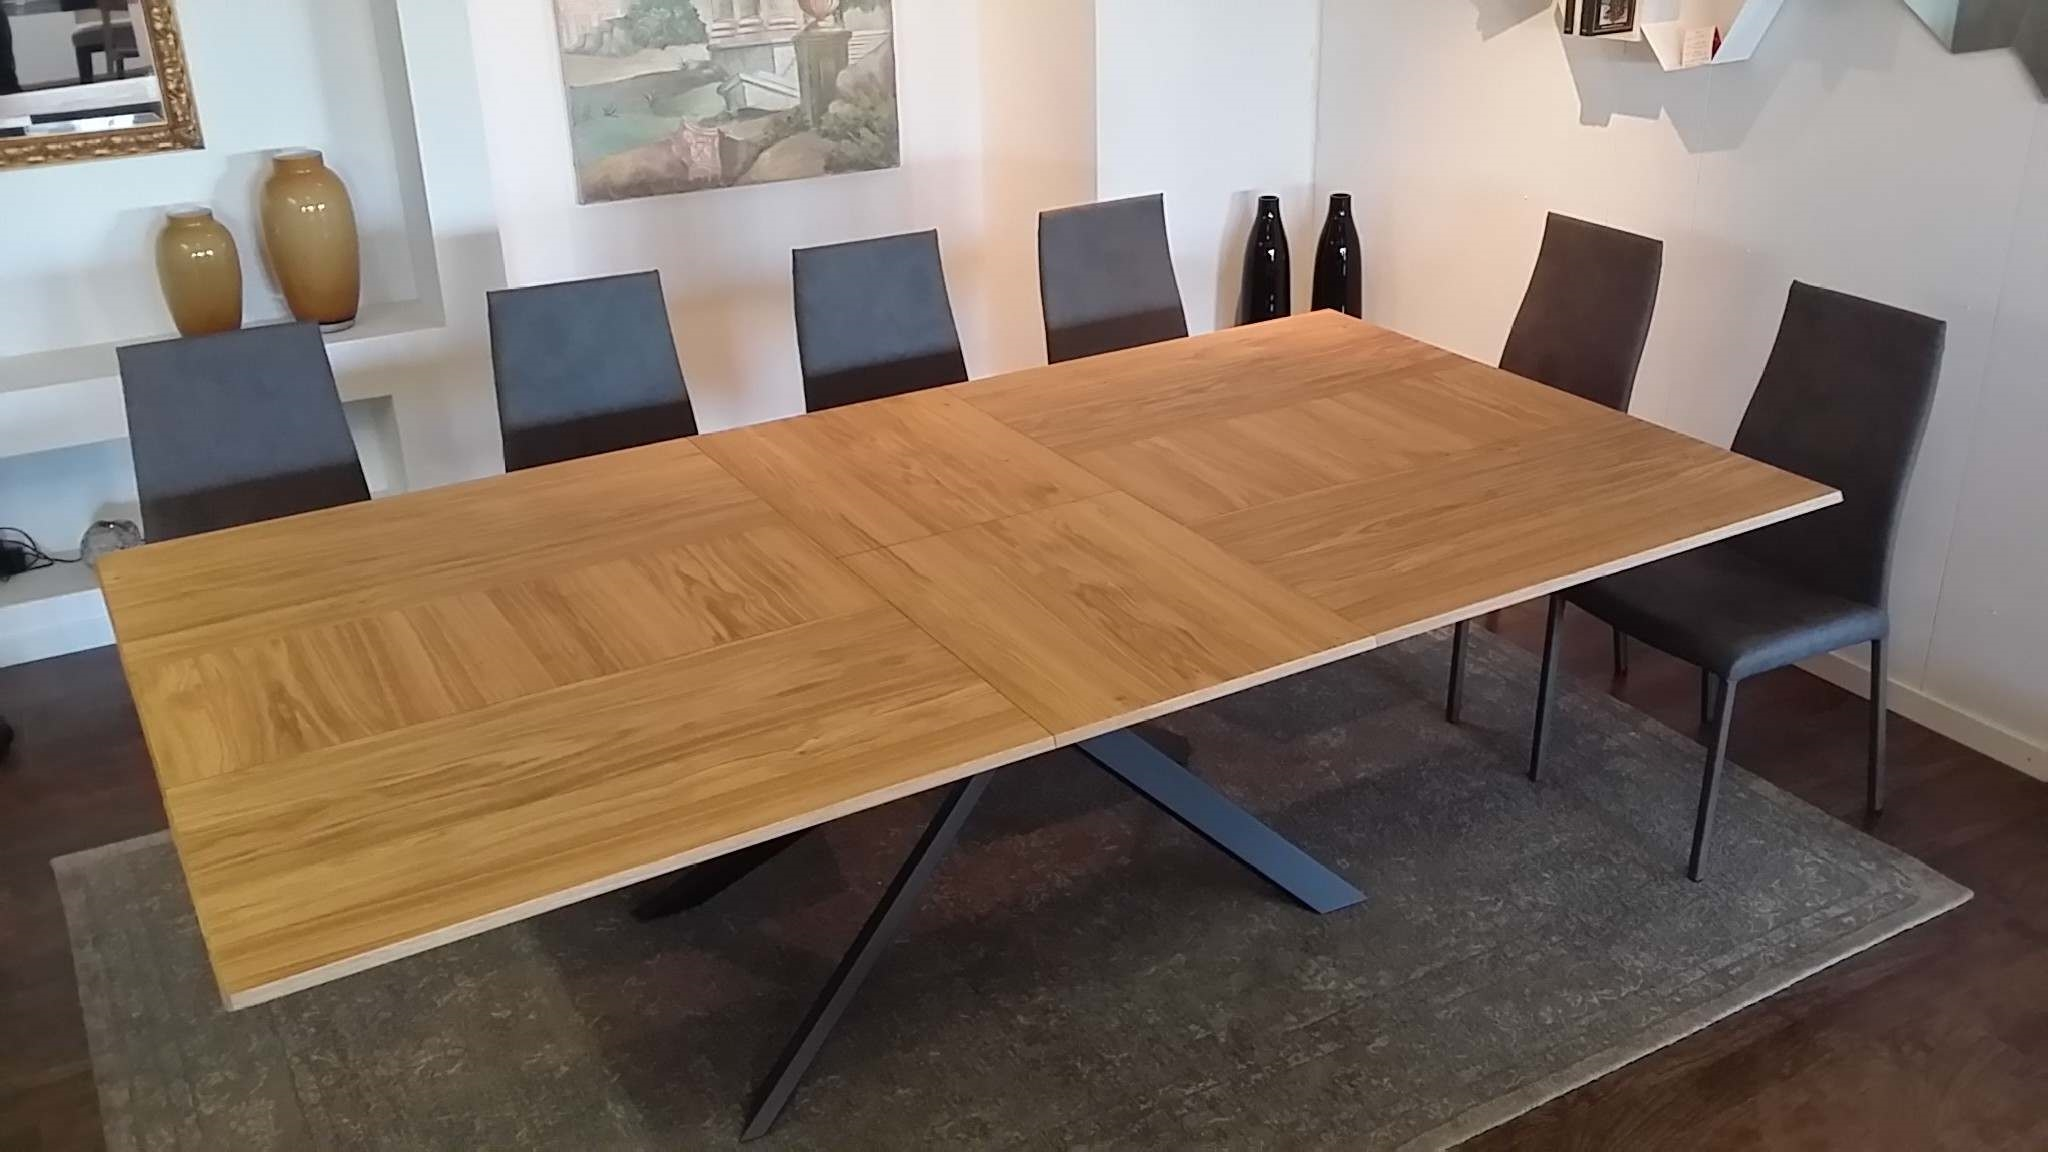 Outlet tavolo ozzio 4x4 t240 tavoli a prezzi scontati for Tavolo eclipse di ozzio design